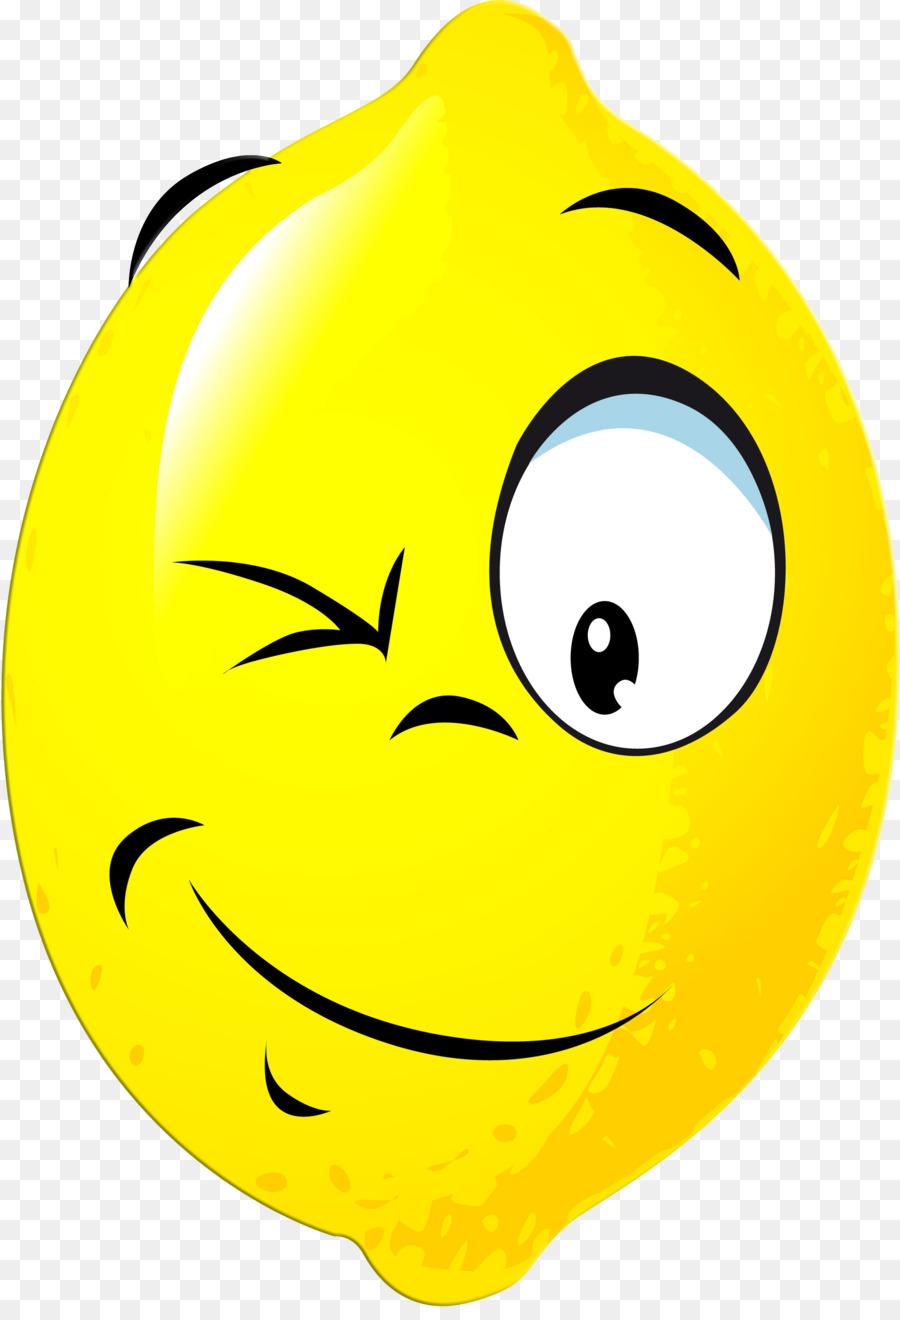 Lemon drawing png download. Lemons clipart smiley